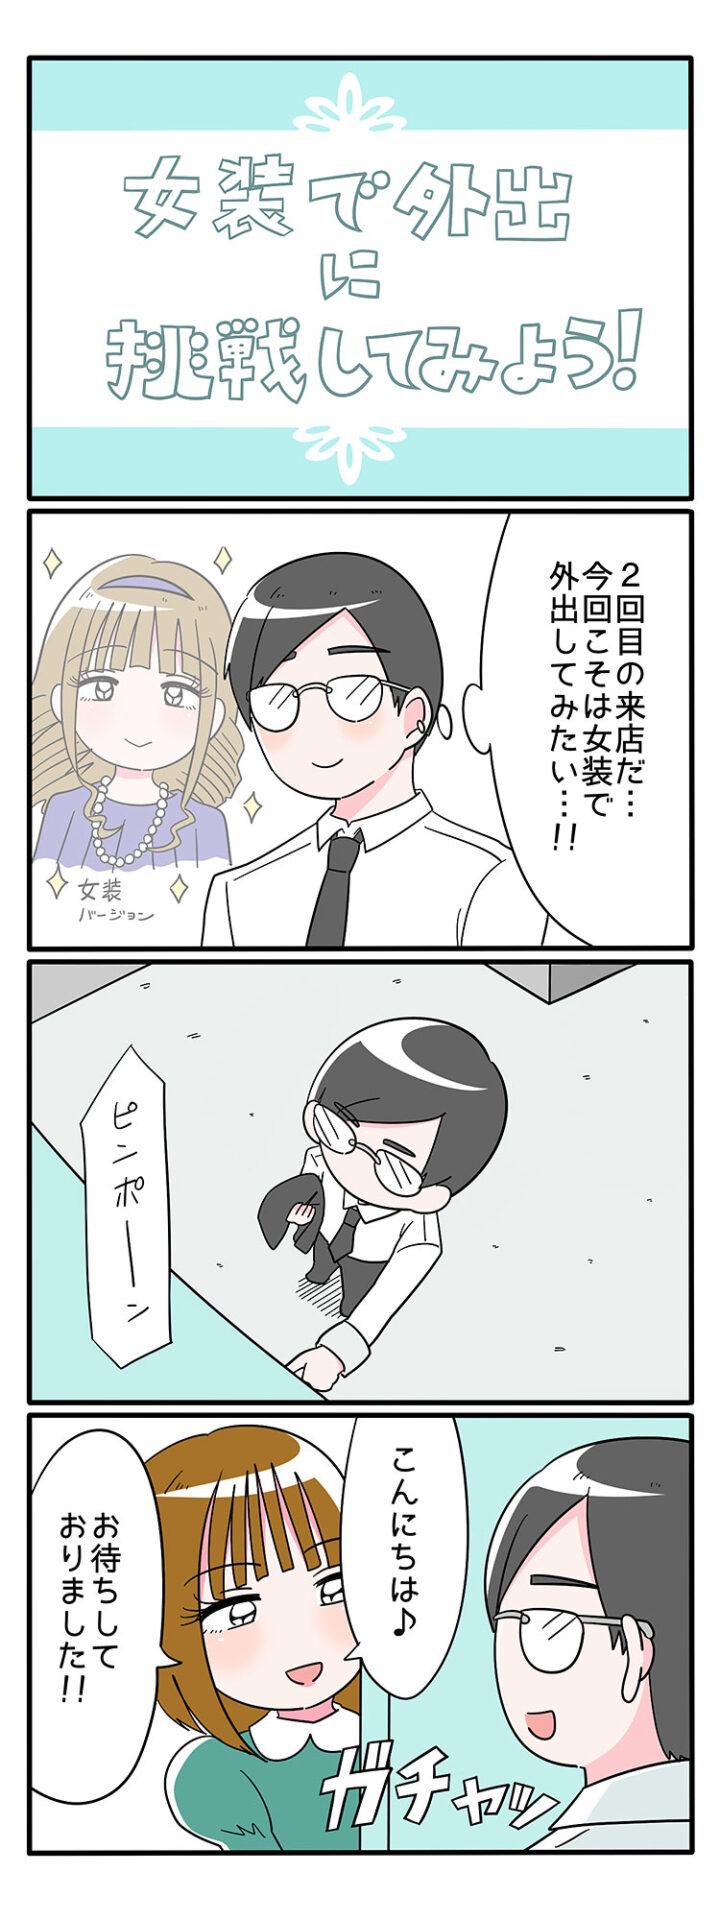 マンガで解説②_01